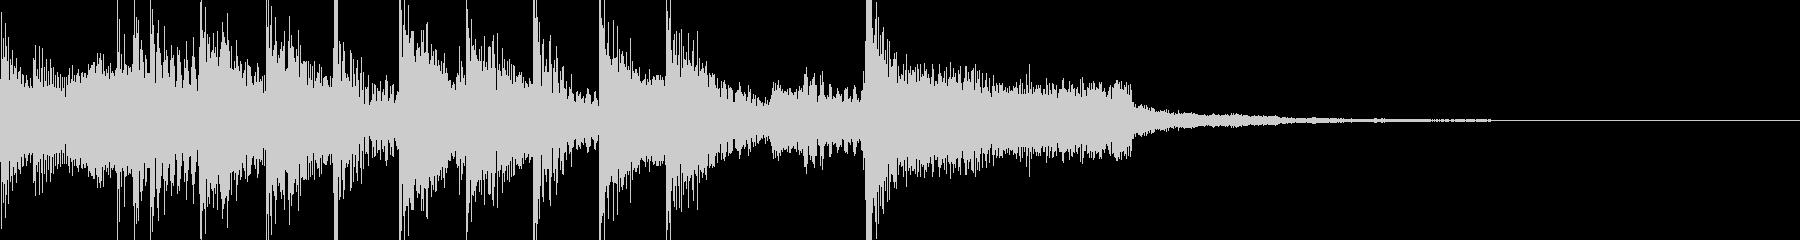 場面転換、シーンの締めくくりの音の未再生の波形